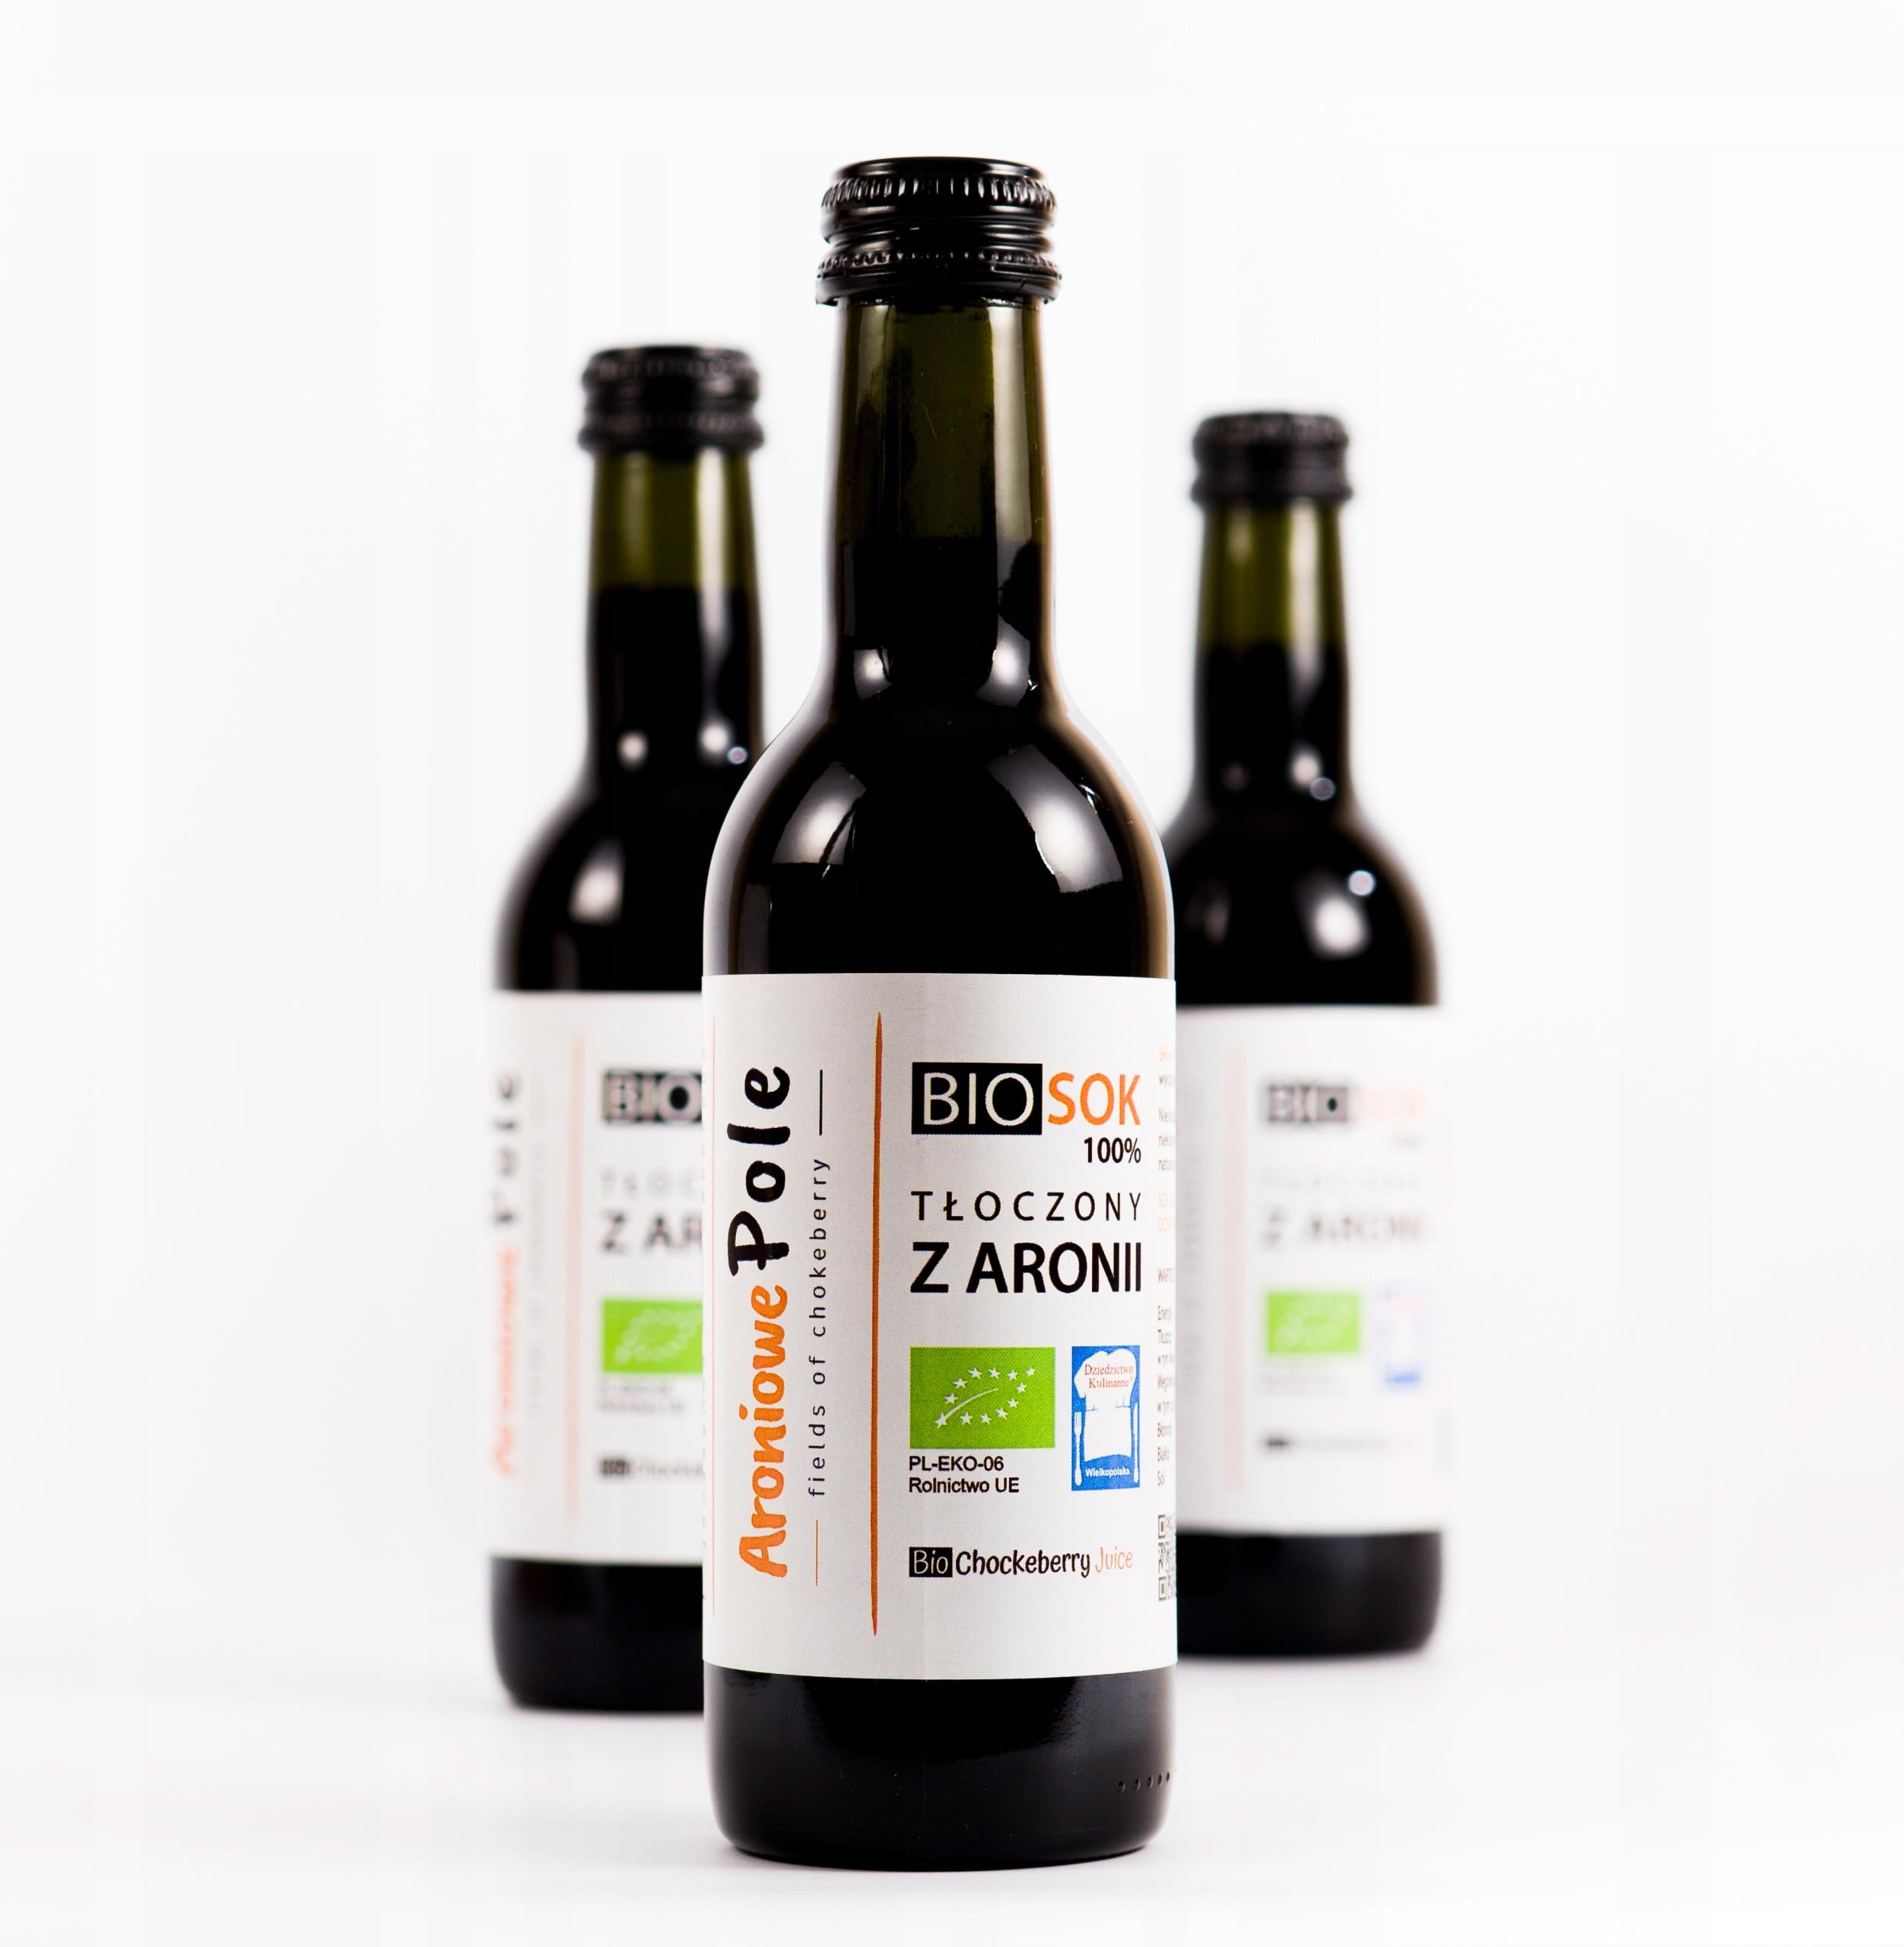 BIO sok z aronii - tłoczony 100% -plantacja własna